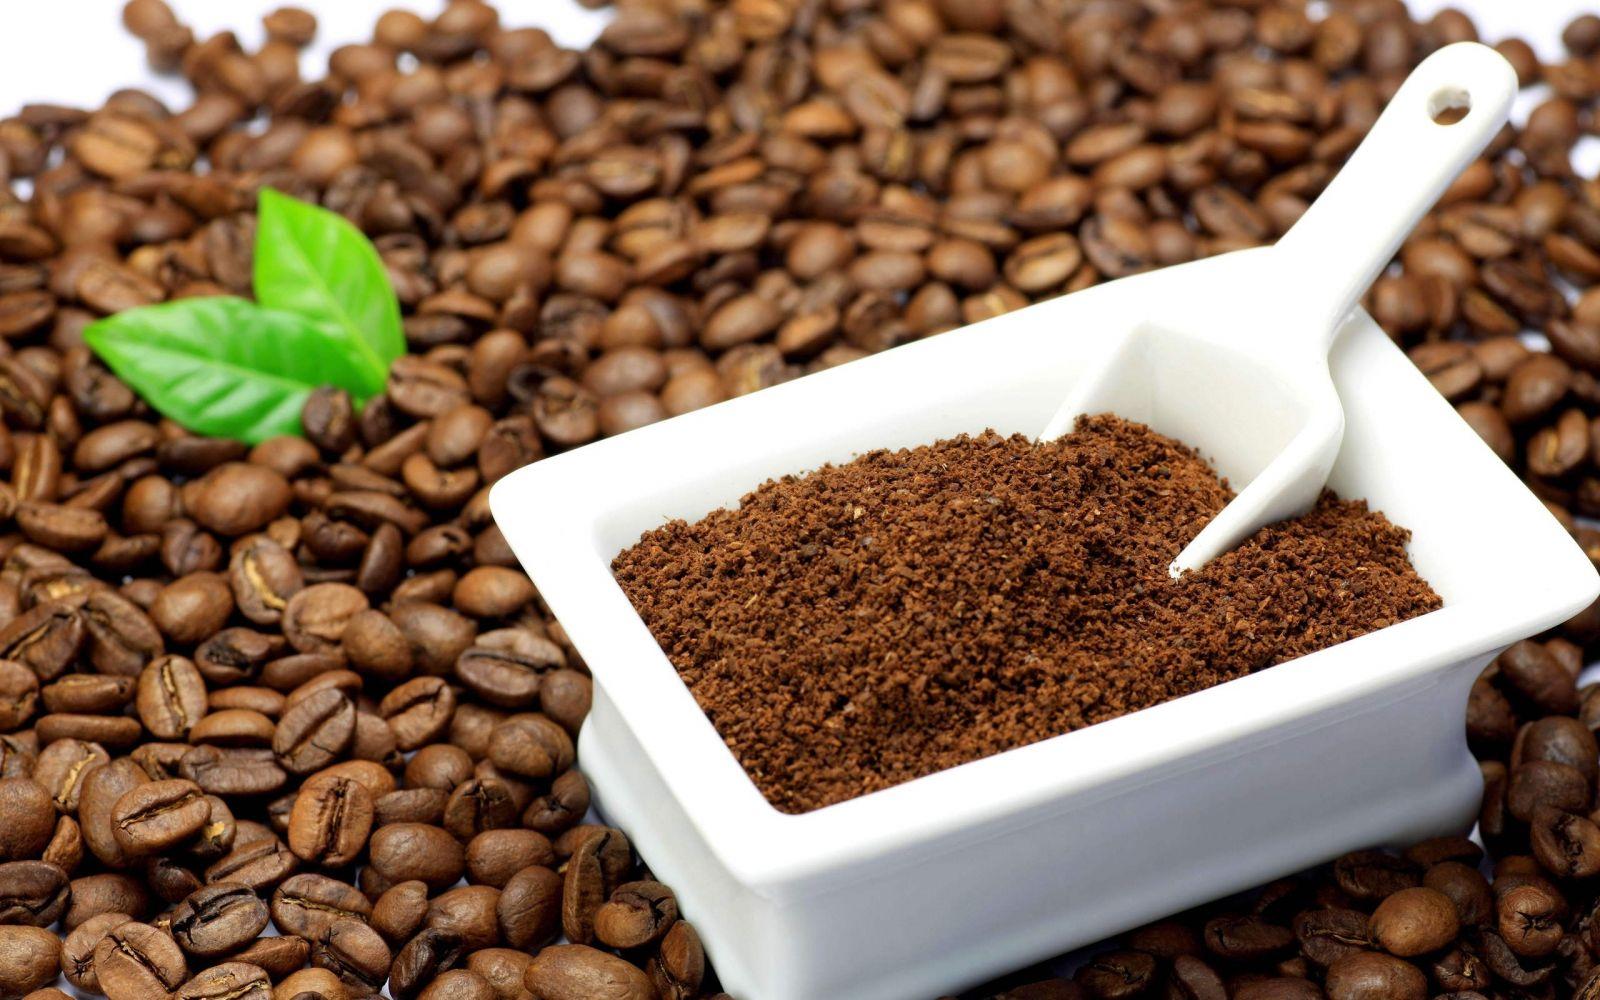 Mua cà phê nguyên chất ở đâu ngon?